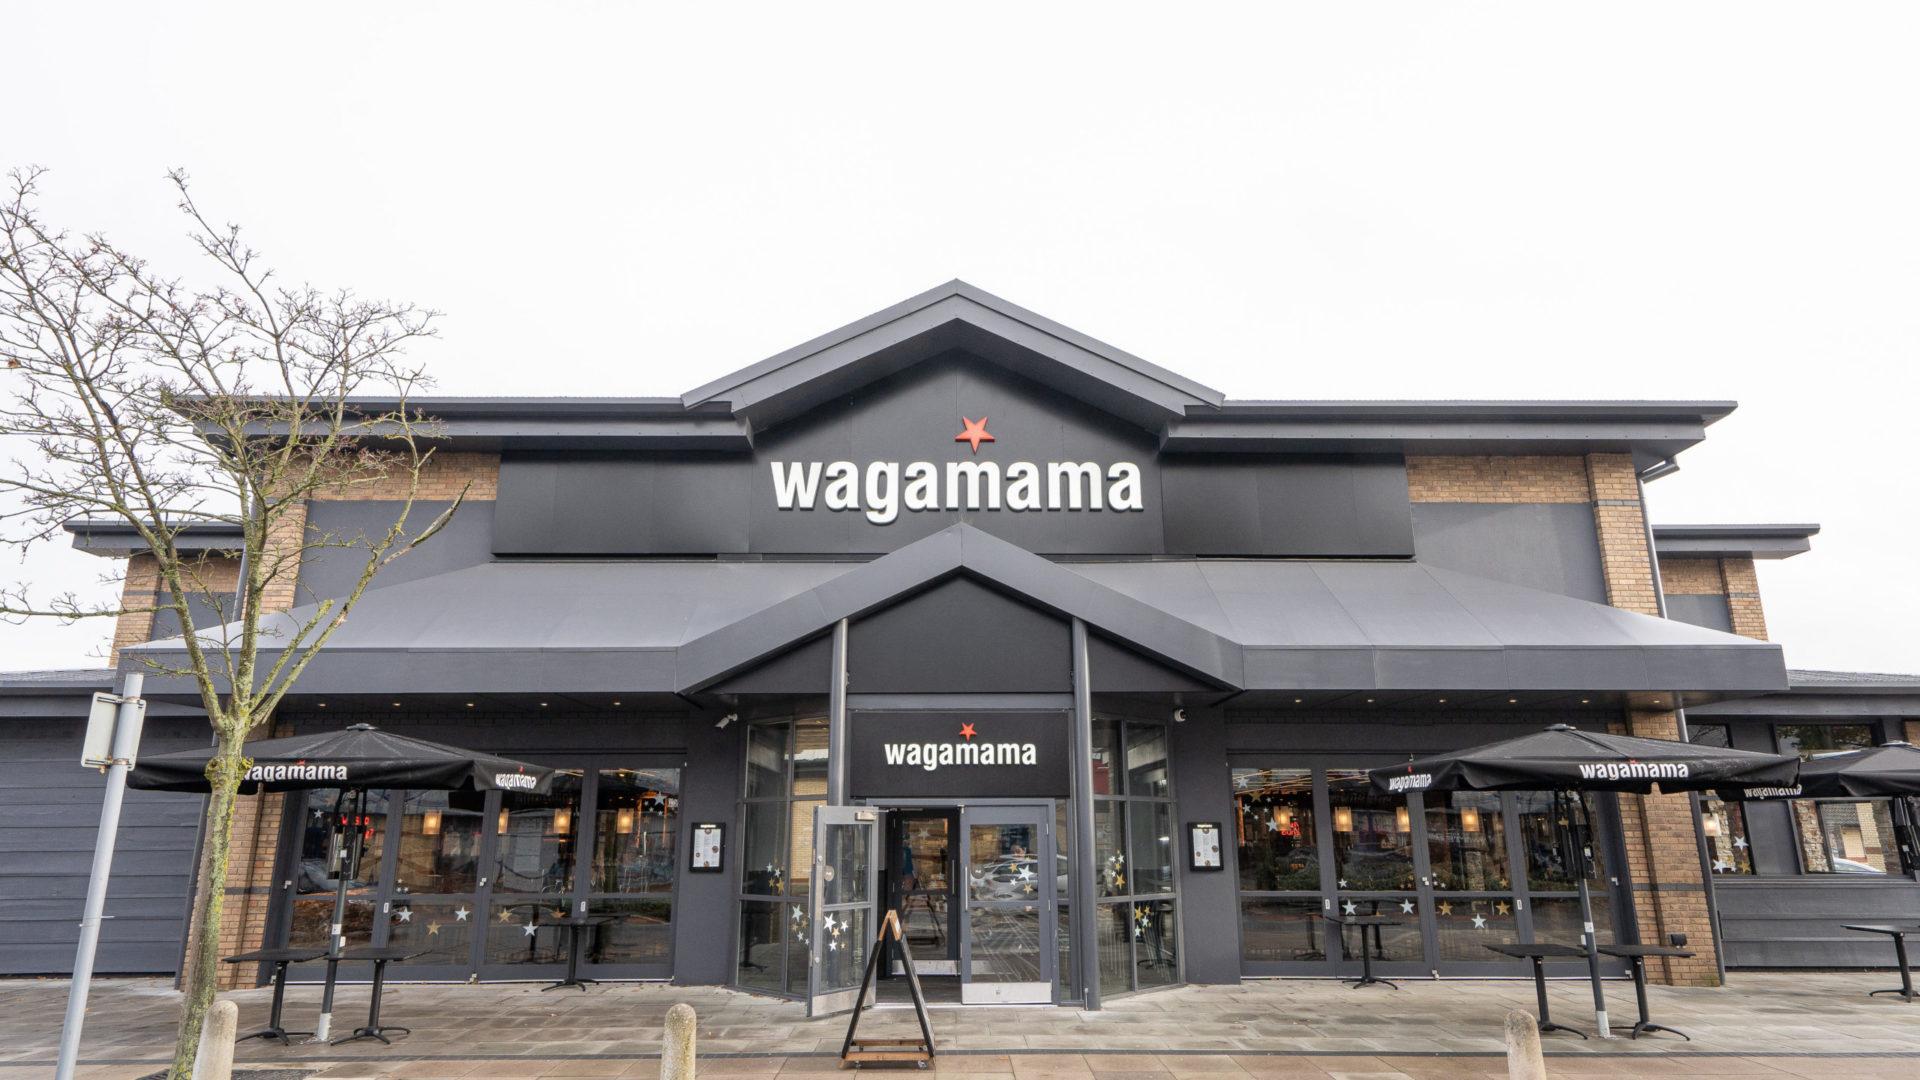 wagamama-stevenage-036